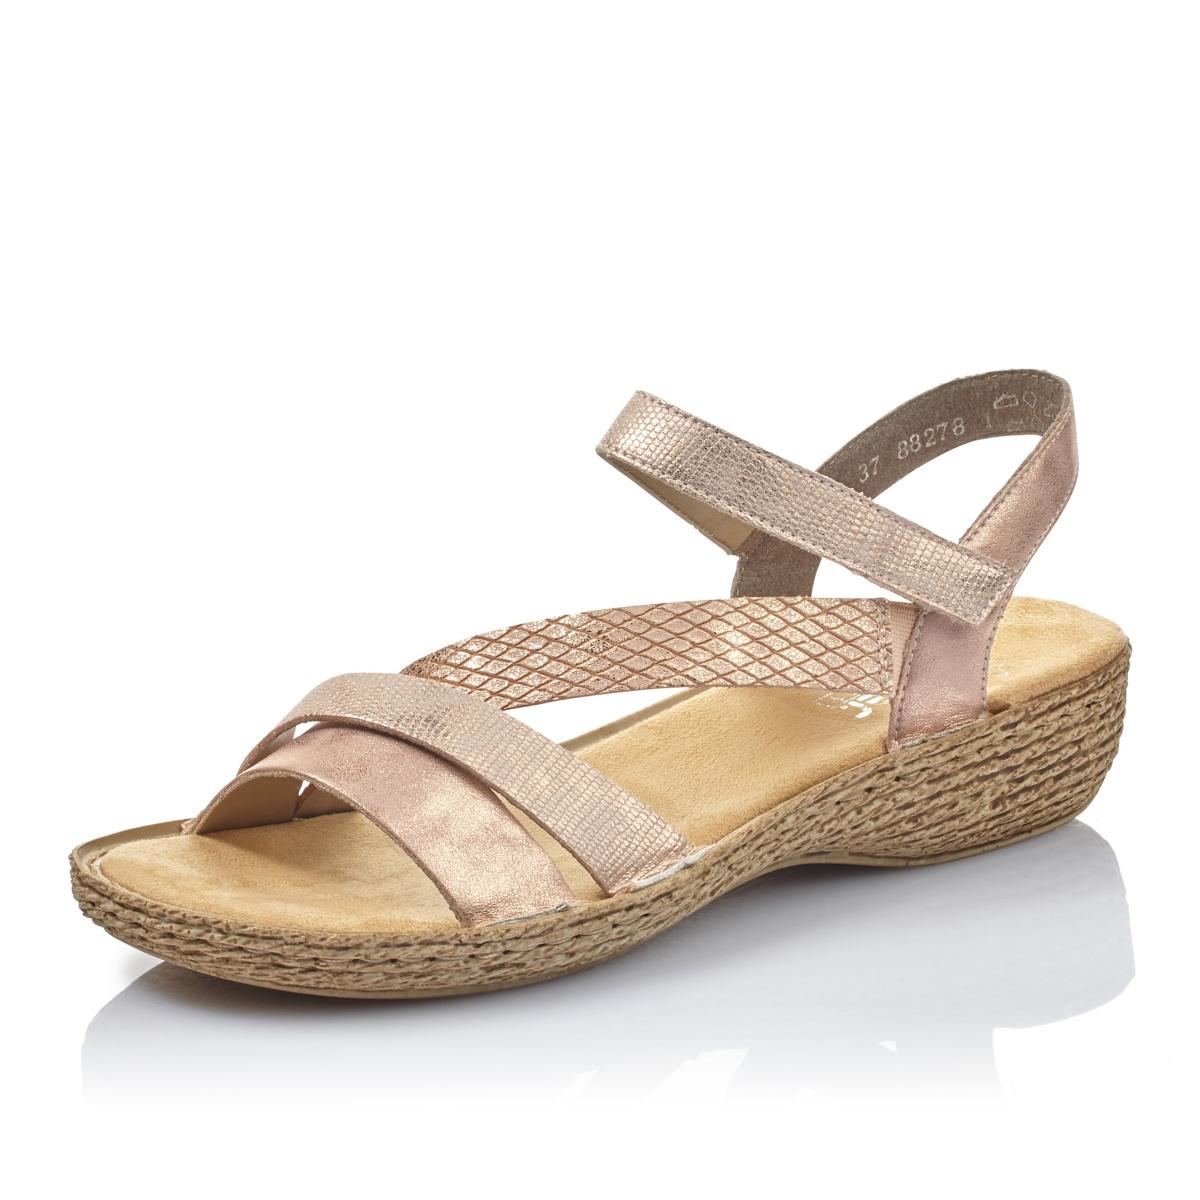 9830b0474bc4 detail Dámska obuv RIEKER br 65856-90 ROSE GOLD F S